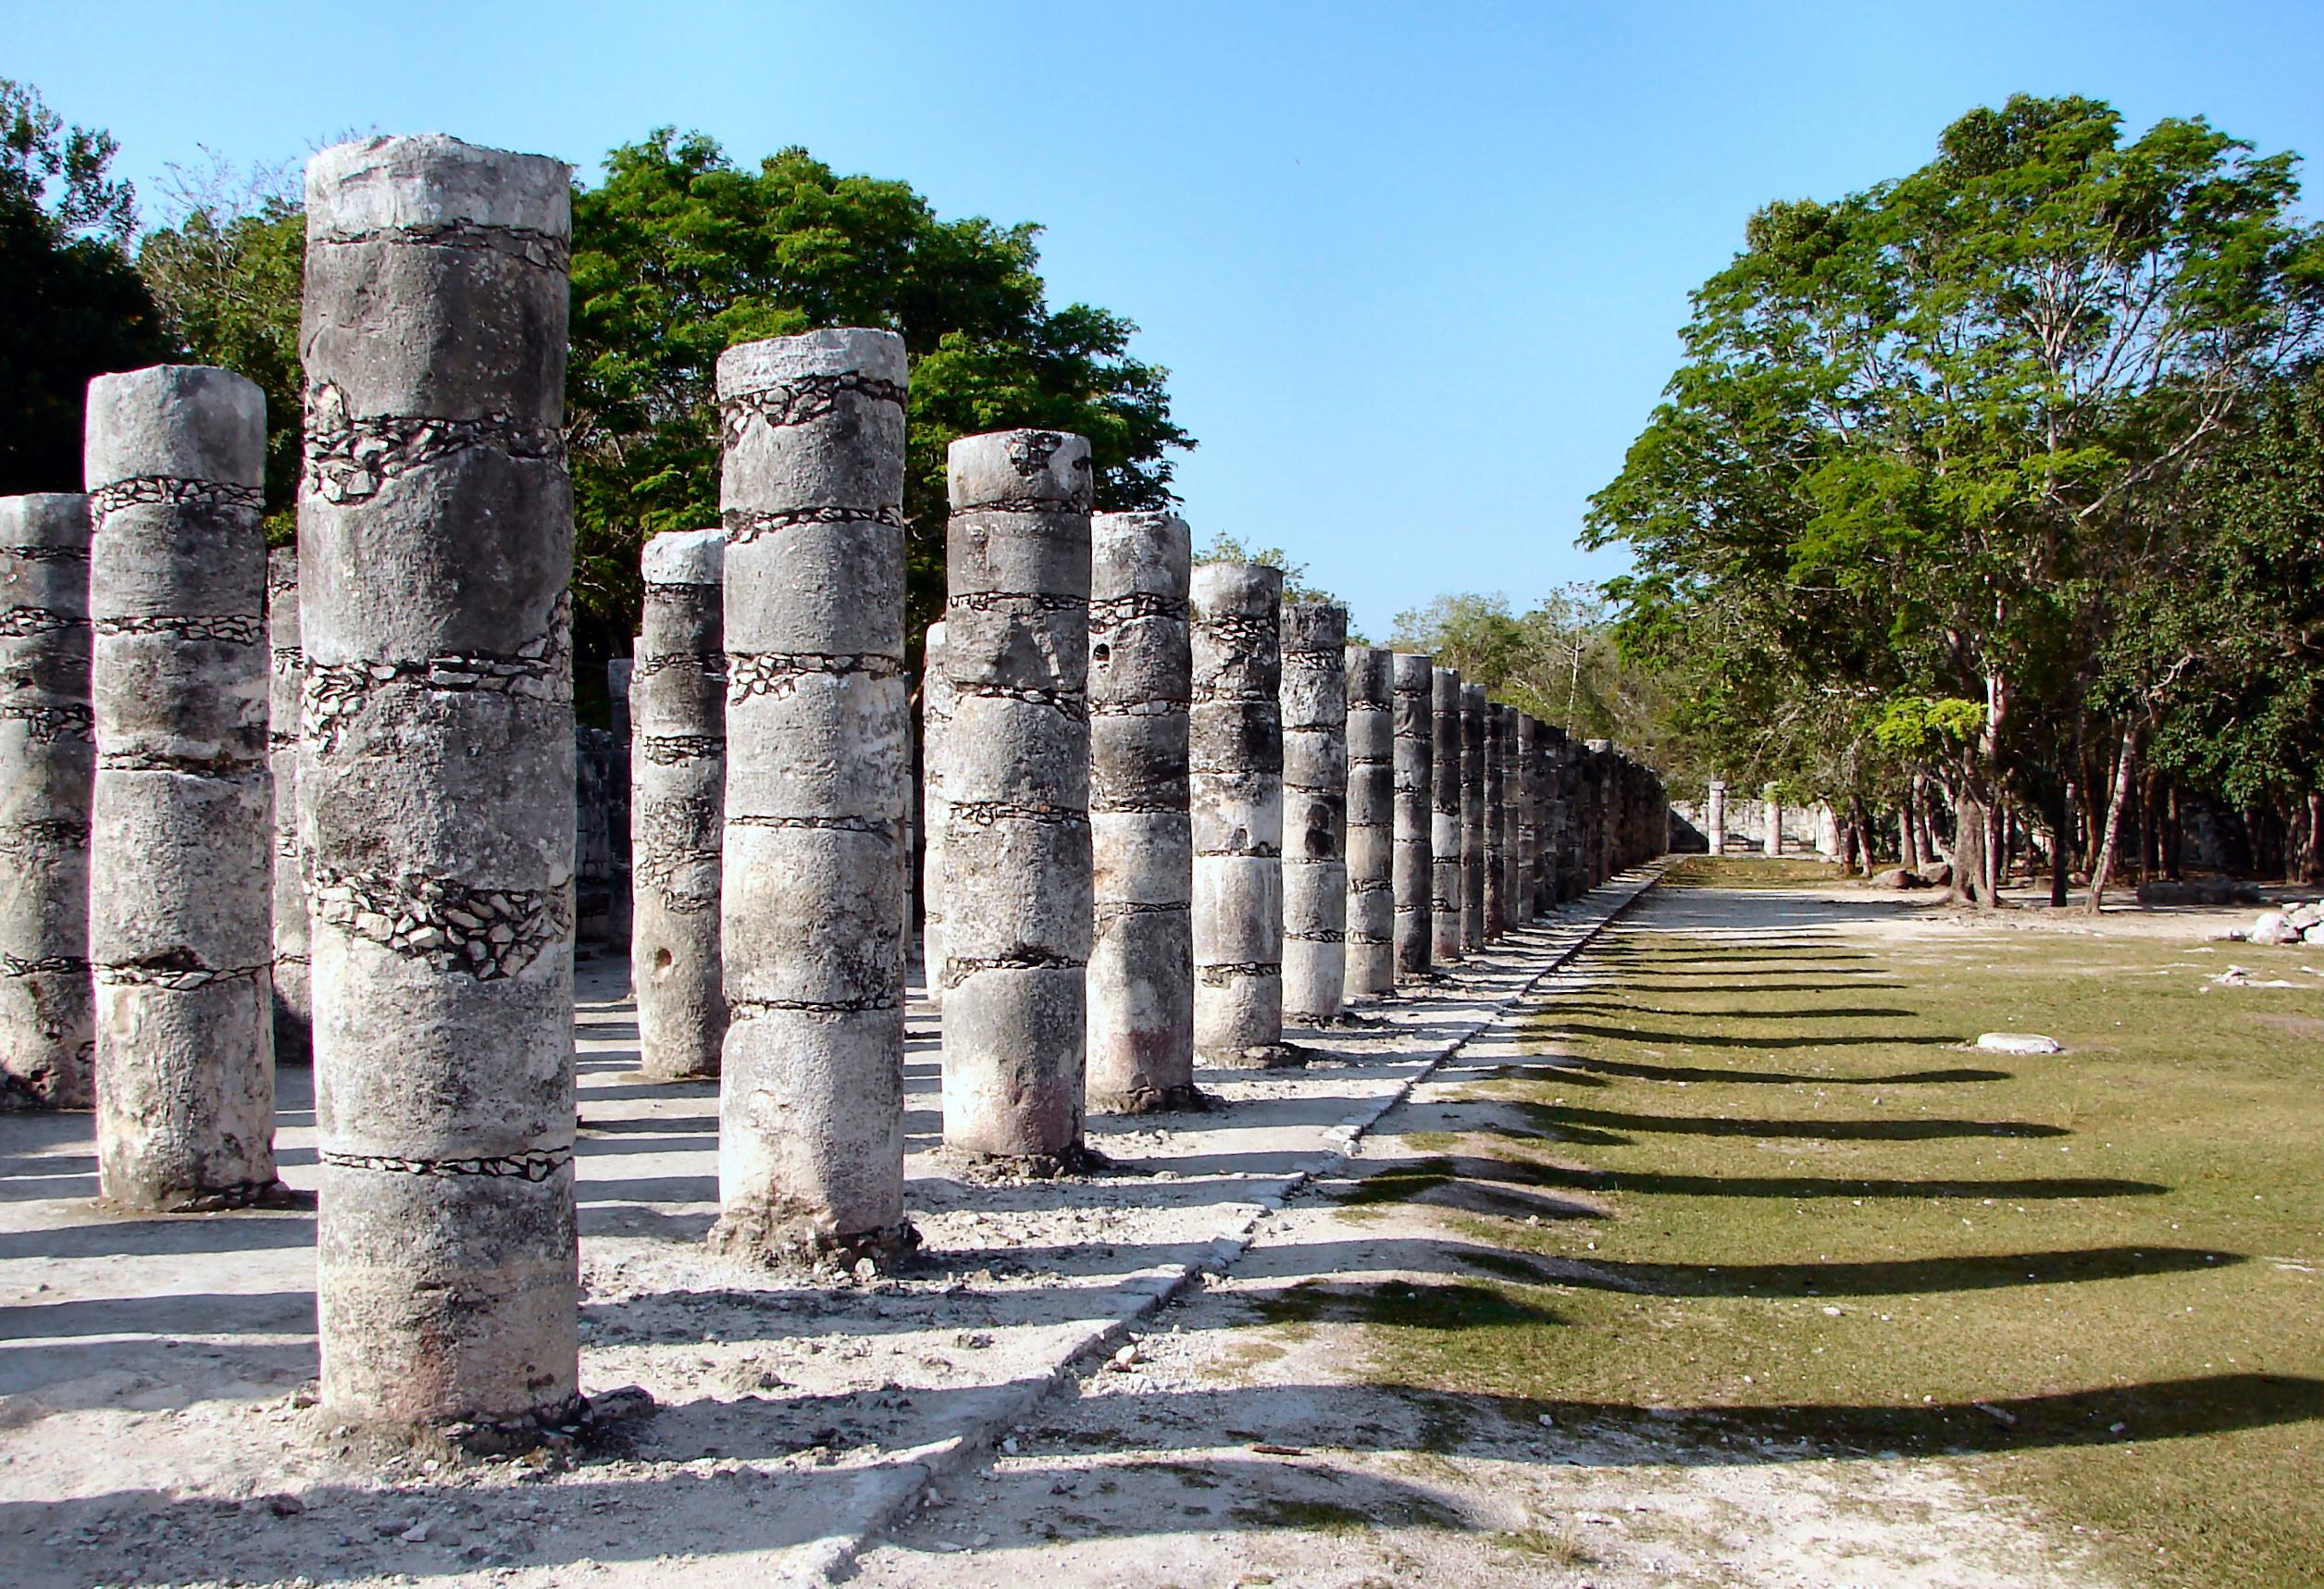 Archeologové si nejsou zcela jistí kdo a kdy postavil toto fascinující město